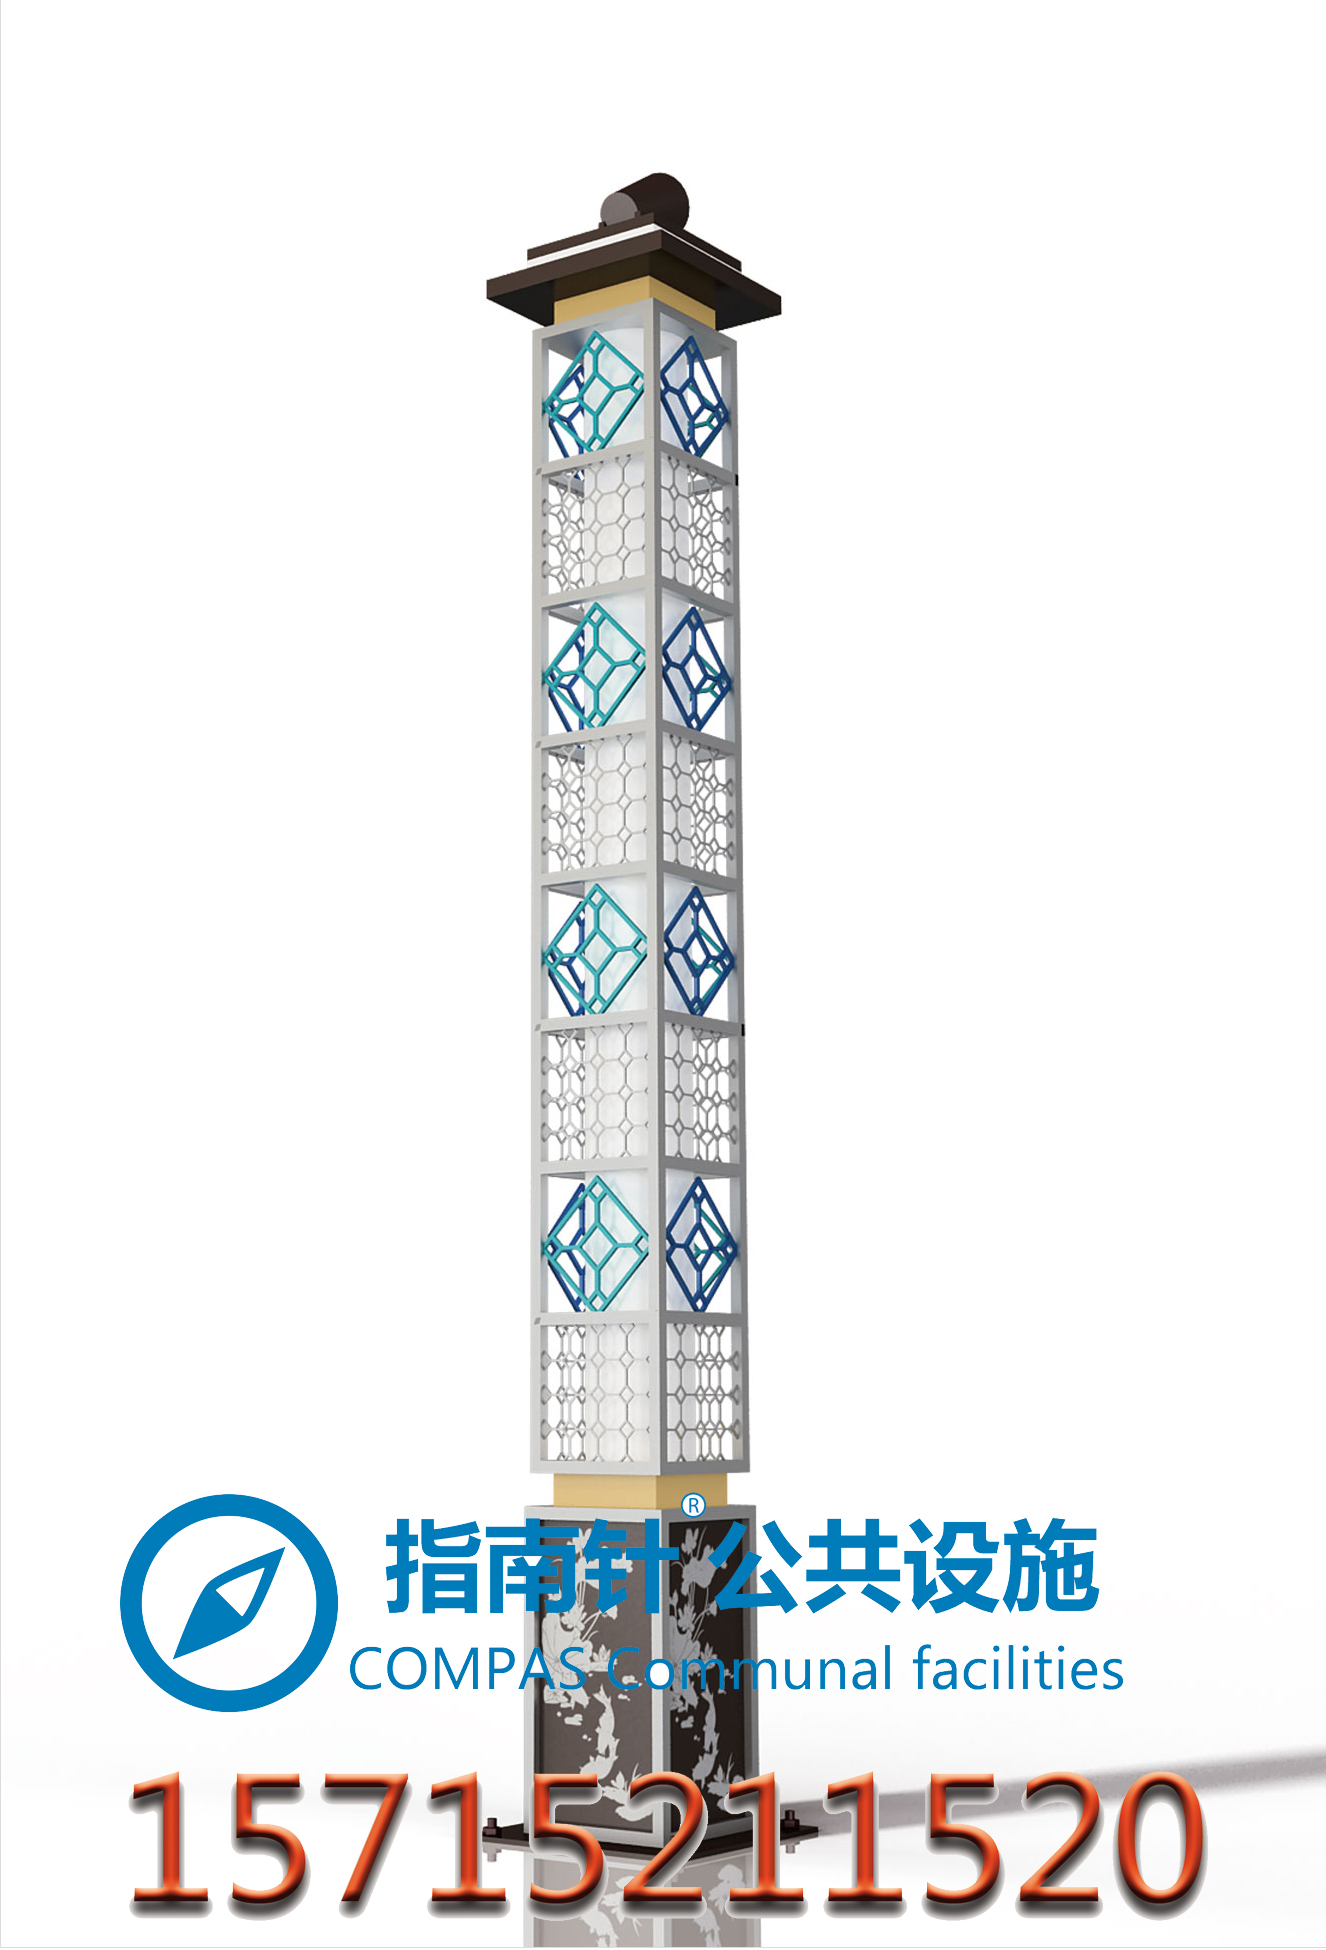 徐州景观灯厂家直销只做精品景观灯,5月指南针景观灯特惠。